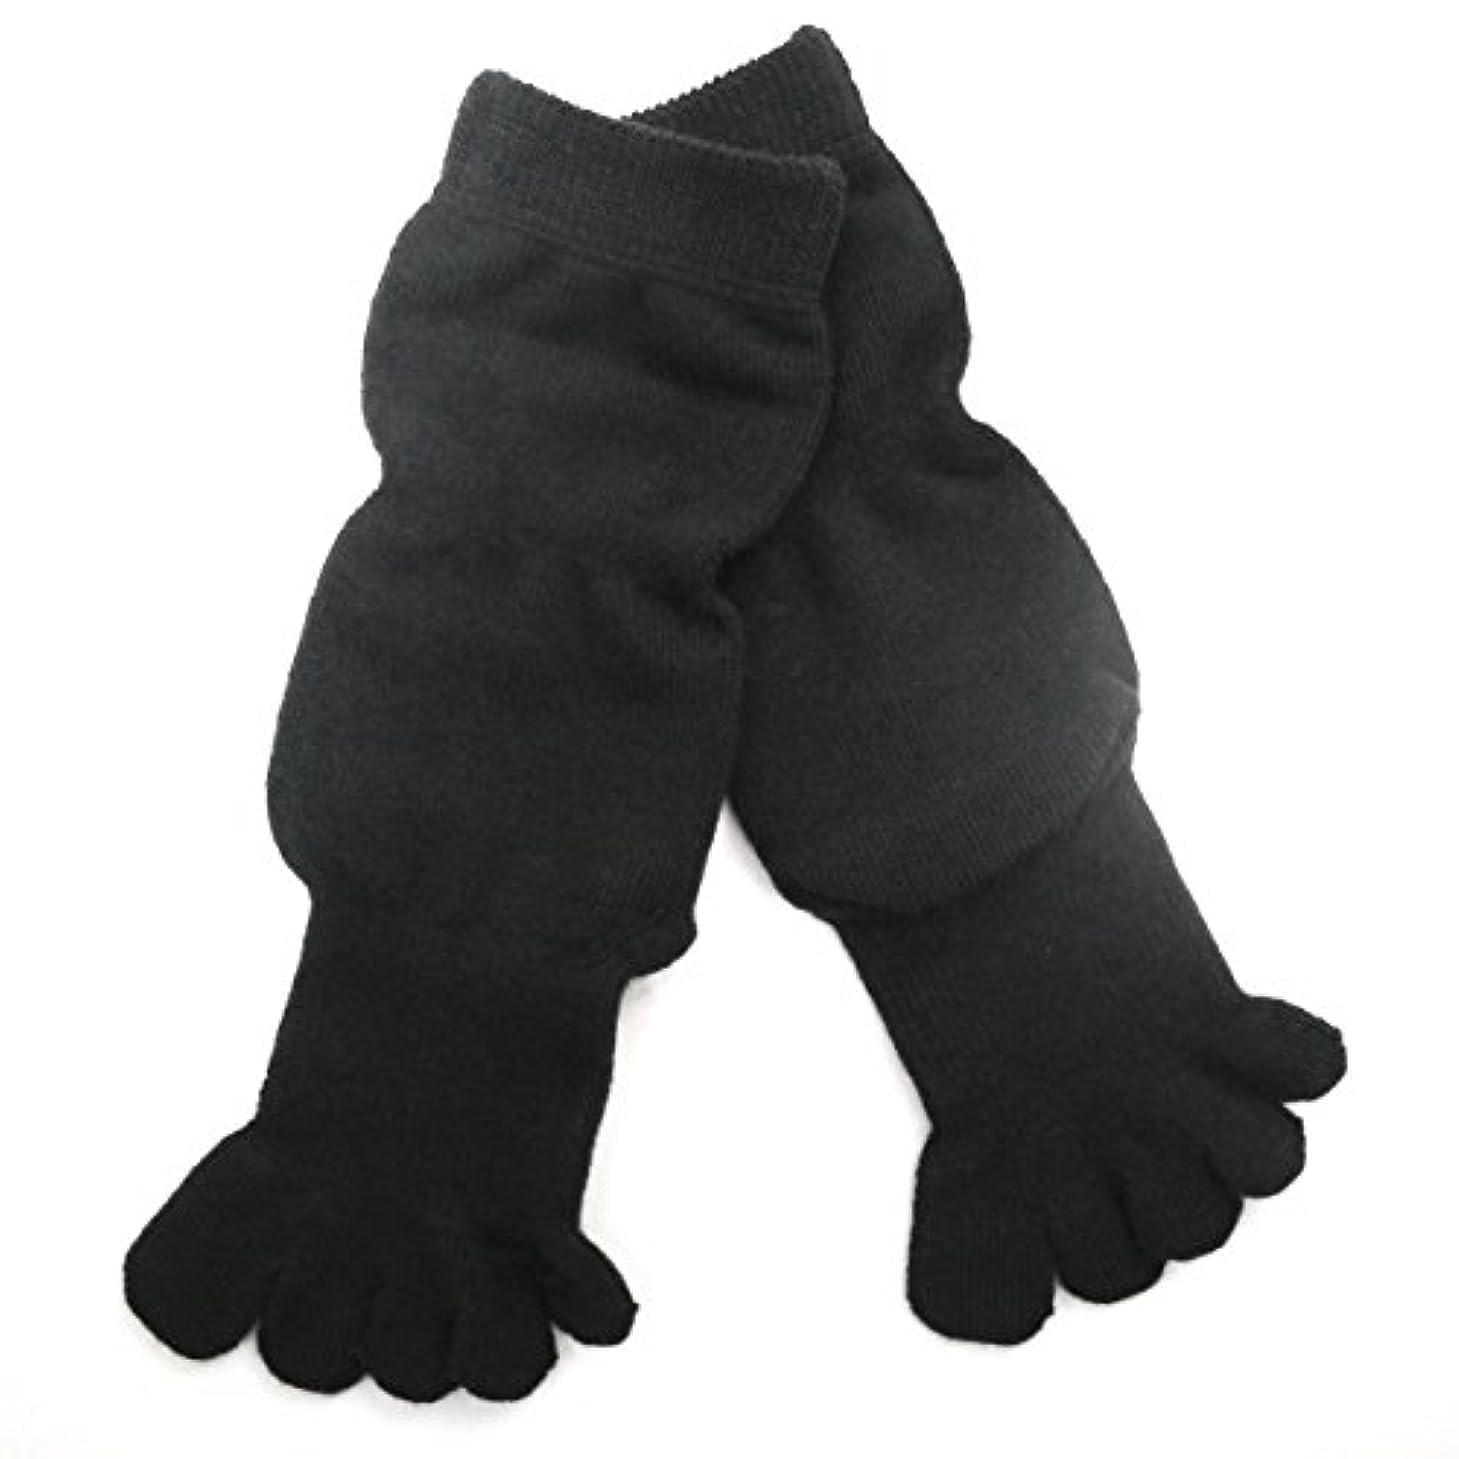 ヶ月目戦う思い出すゆびのばソックス Neo HOT ブラック iサイズ 5本指ソックス